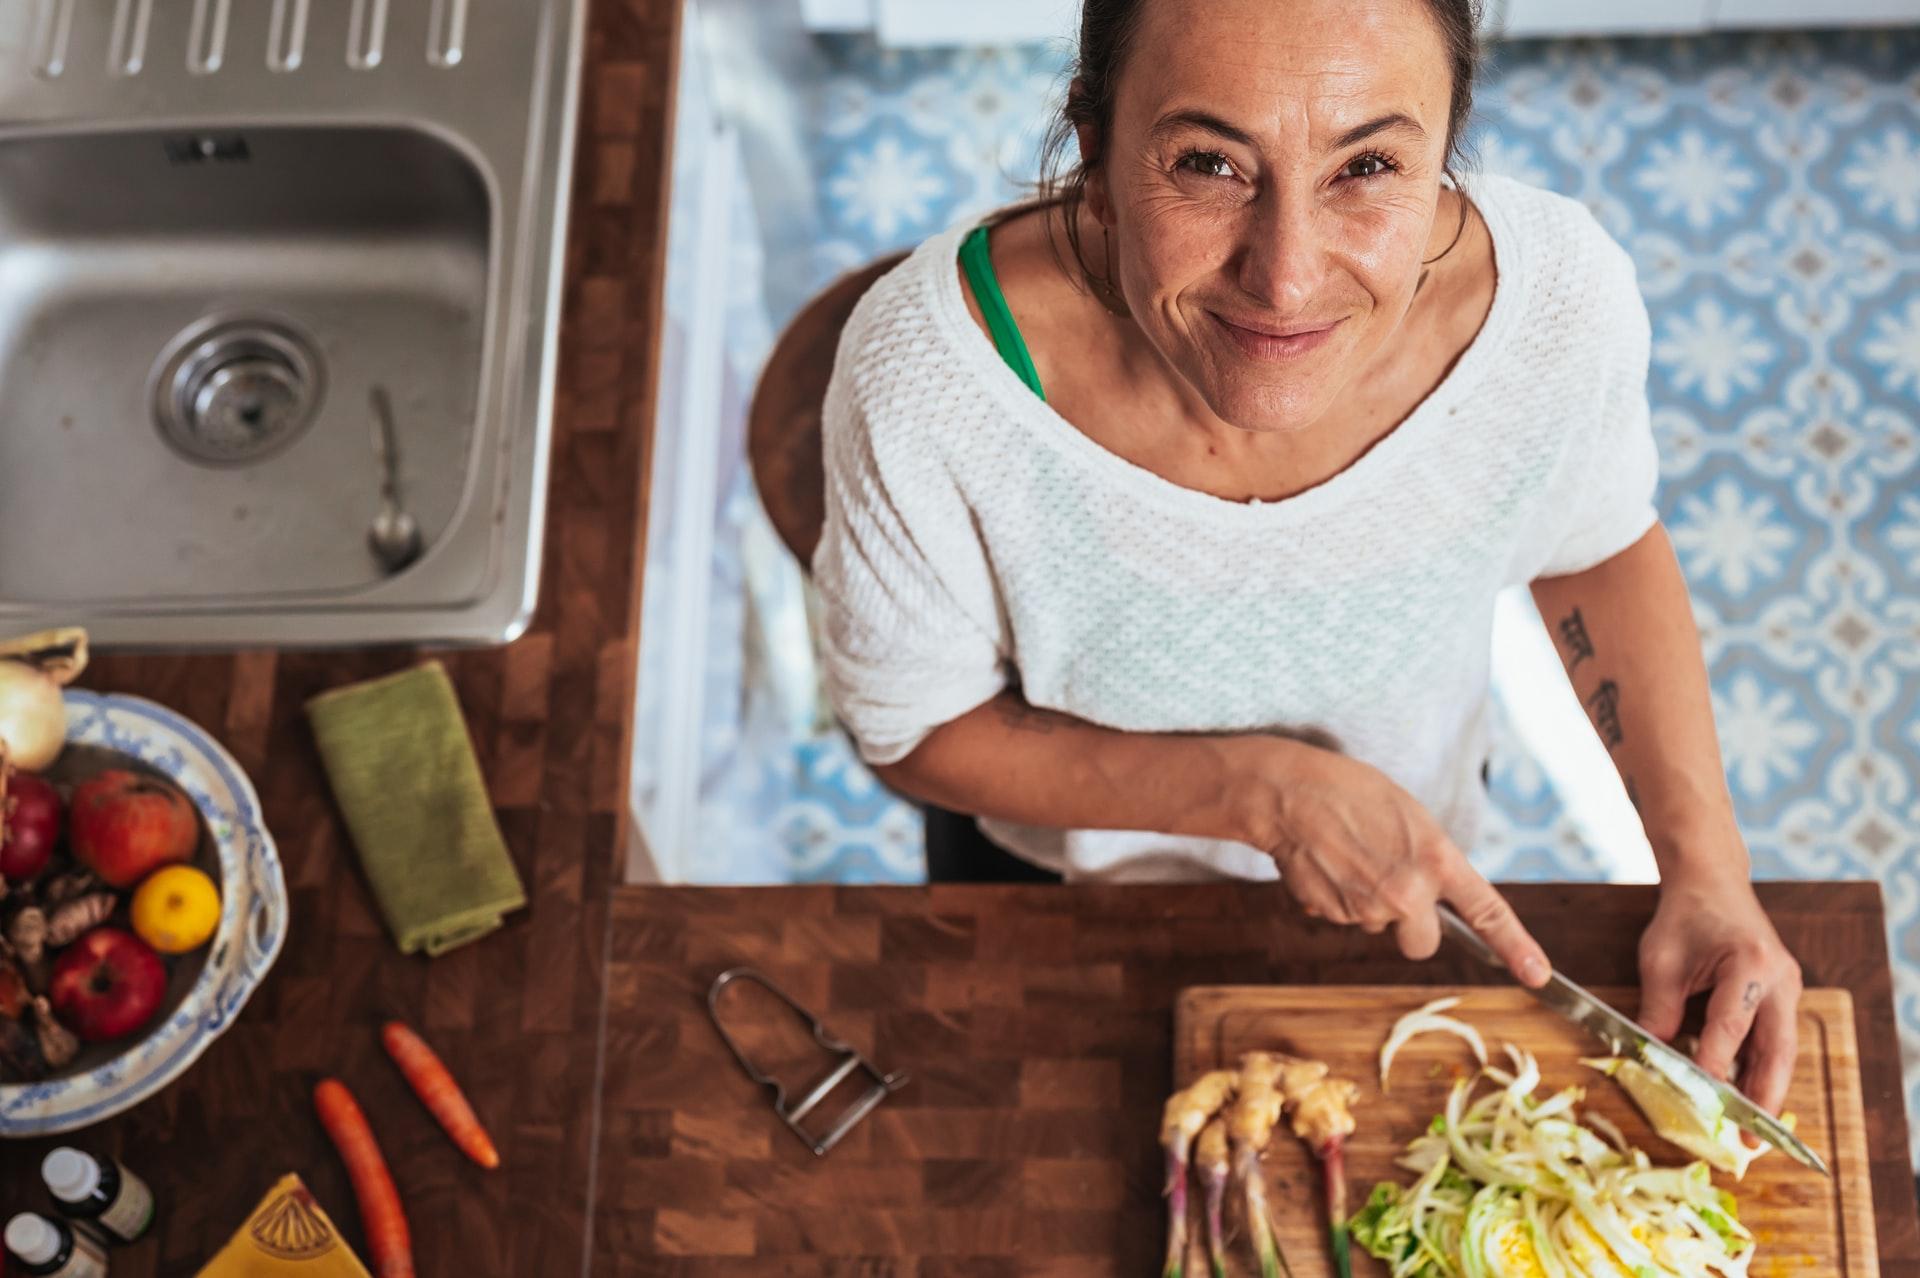 Jakie noże kuchenne wybrać, by nie żałować? - Zdjęcie główne